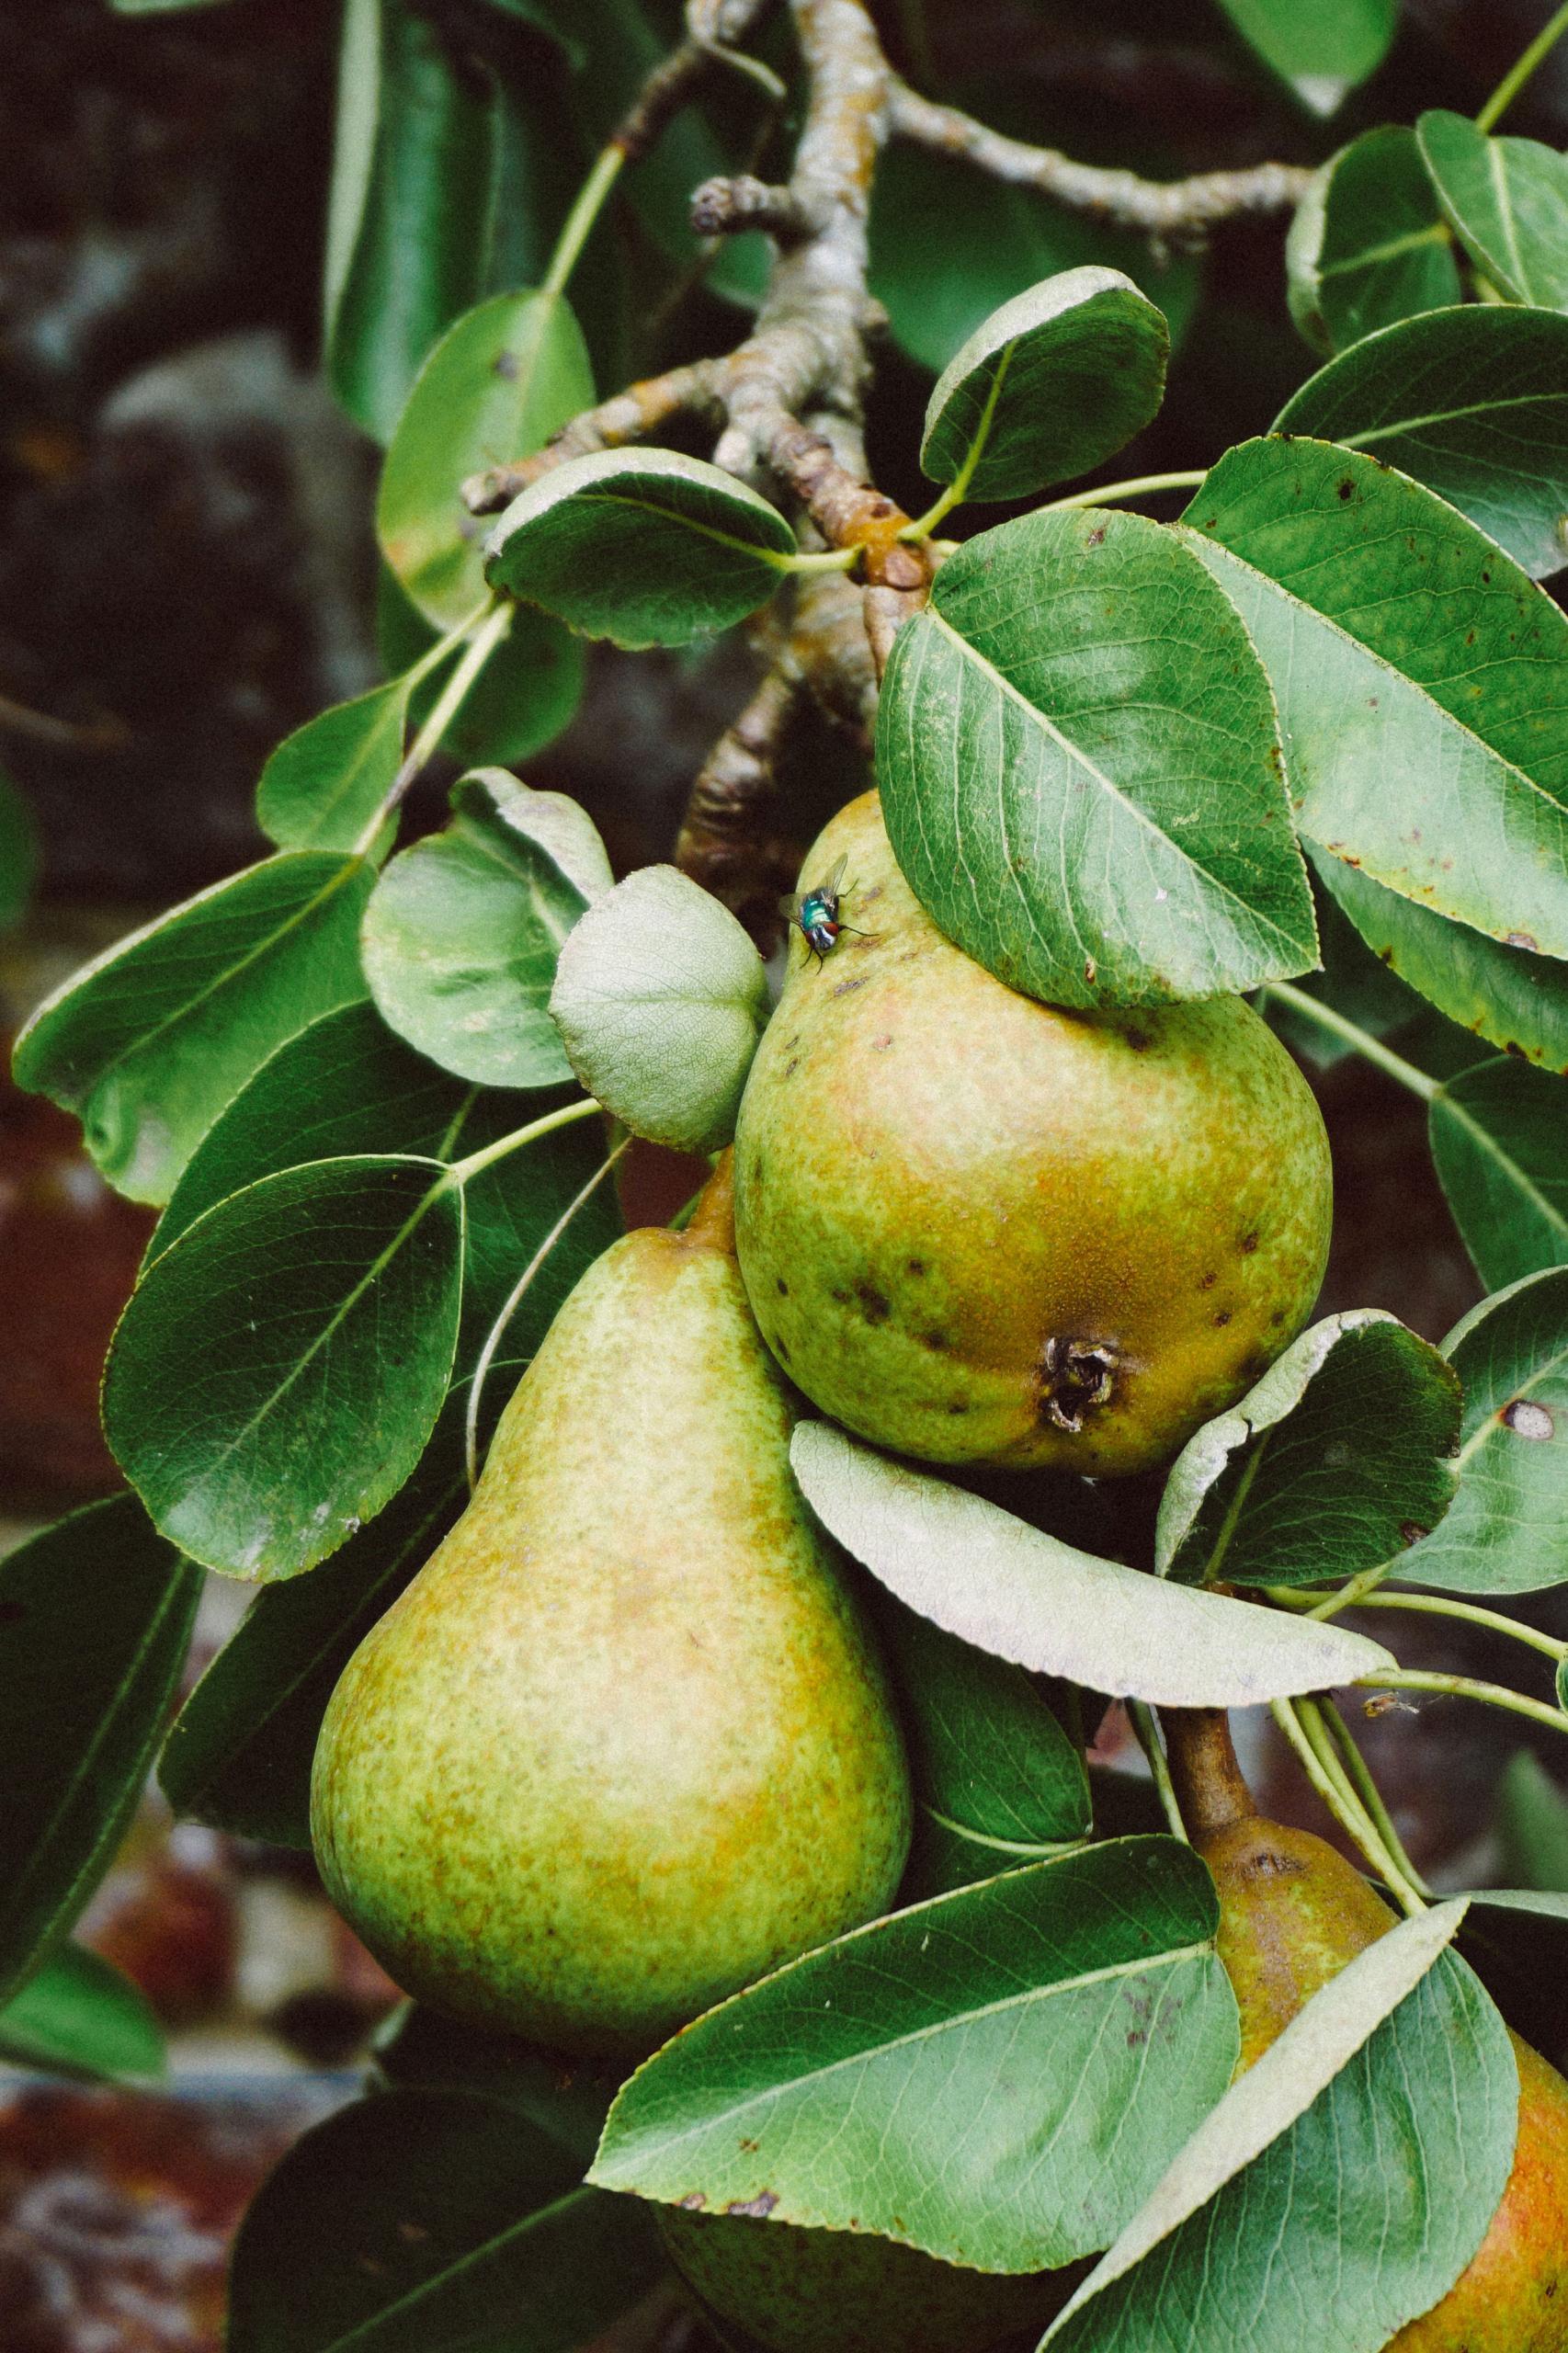 Zeit für die Schönsten vom Baum: 2 Rezepte mit Birnen und Quitten